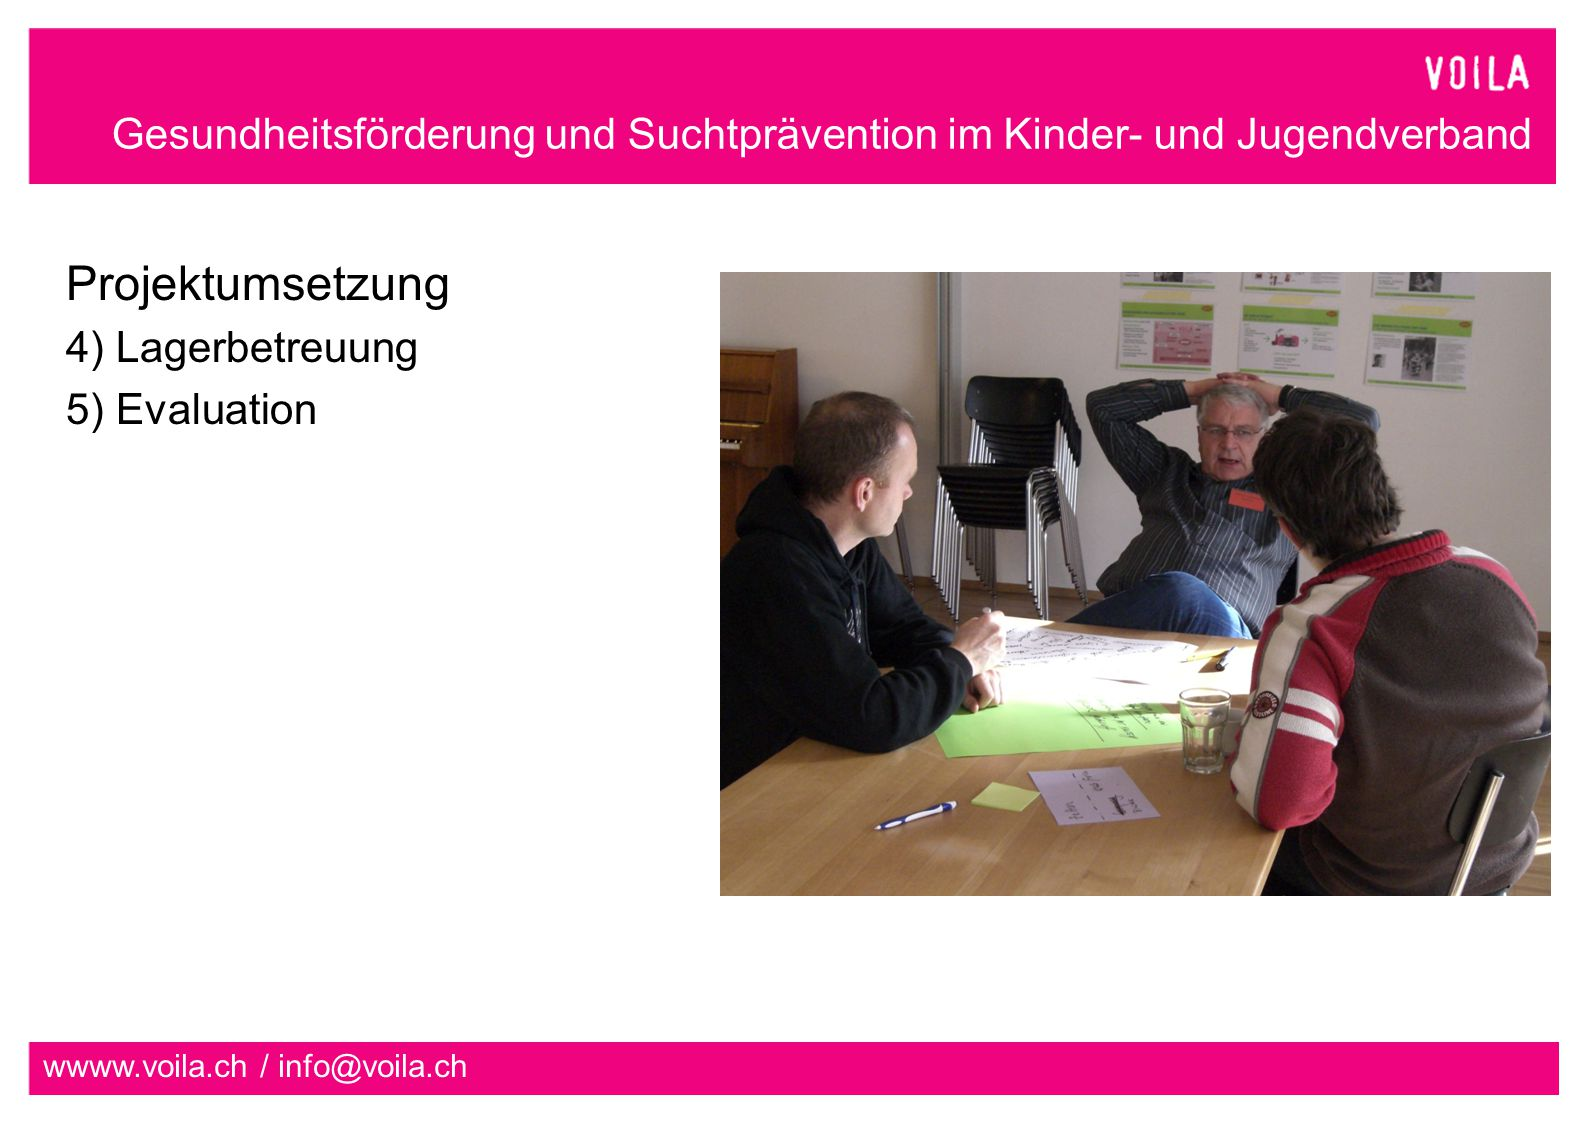 Gesundheitsförderung und Suchtprävention im Kinder- und Jugendverband wwww.voila.ch / info@voila.ch Projektumsetzung 4) Lagerbetreuung 5) Evaluation